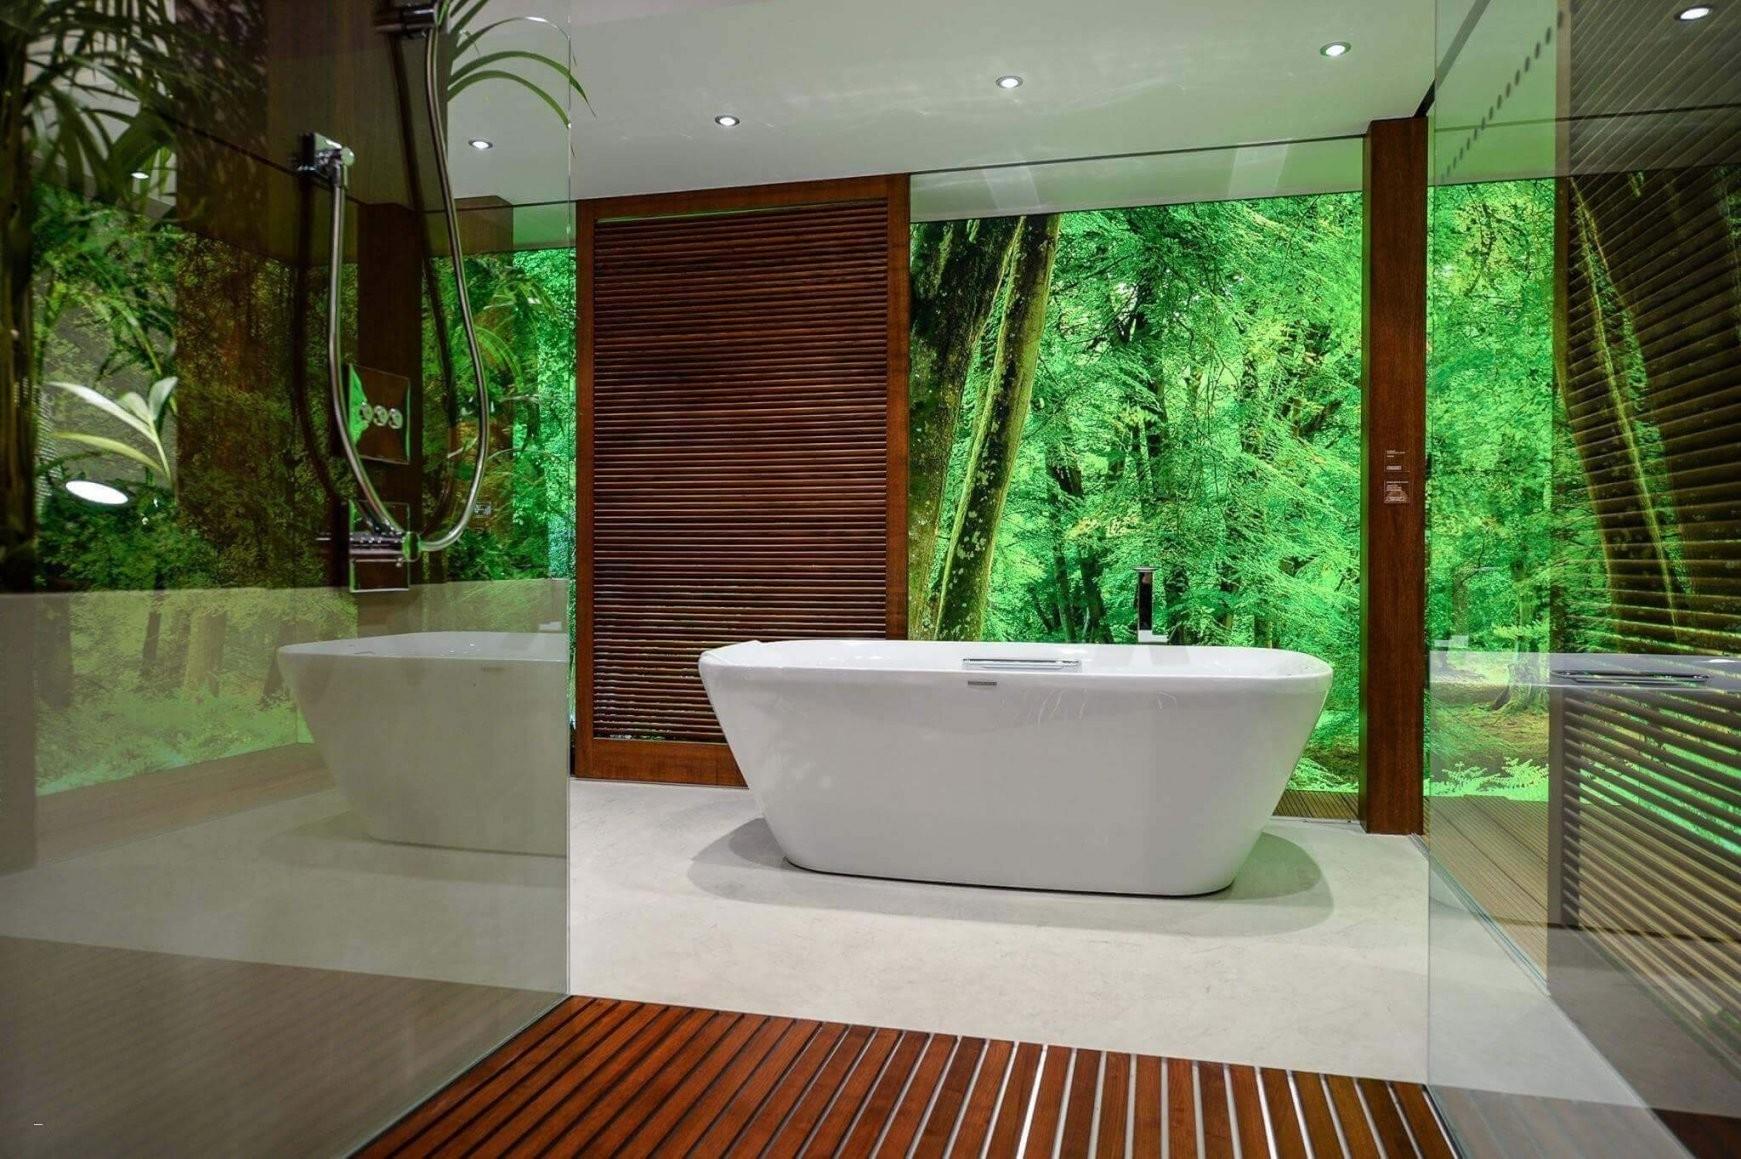 Bad Trennwand Glas Elegant Badezimmer Mit Holzboden Beautiful Frisch von Wellness Badezimmer Ideen Photo